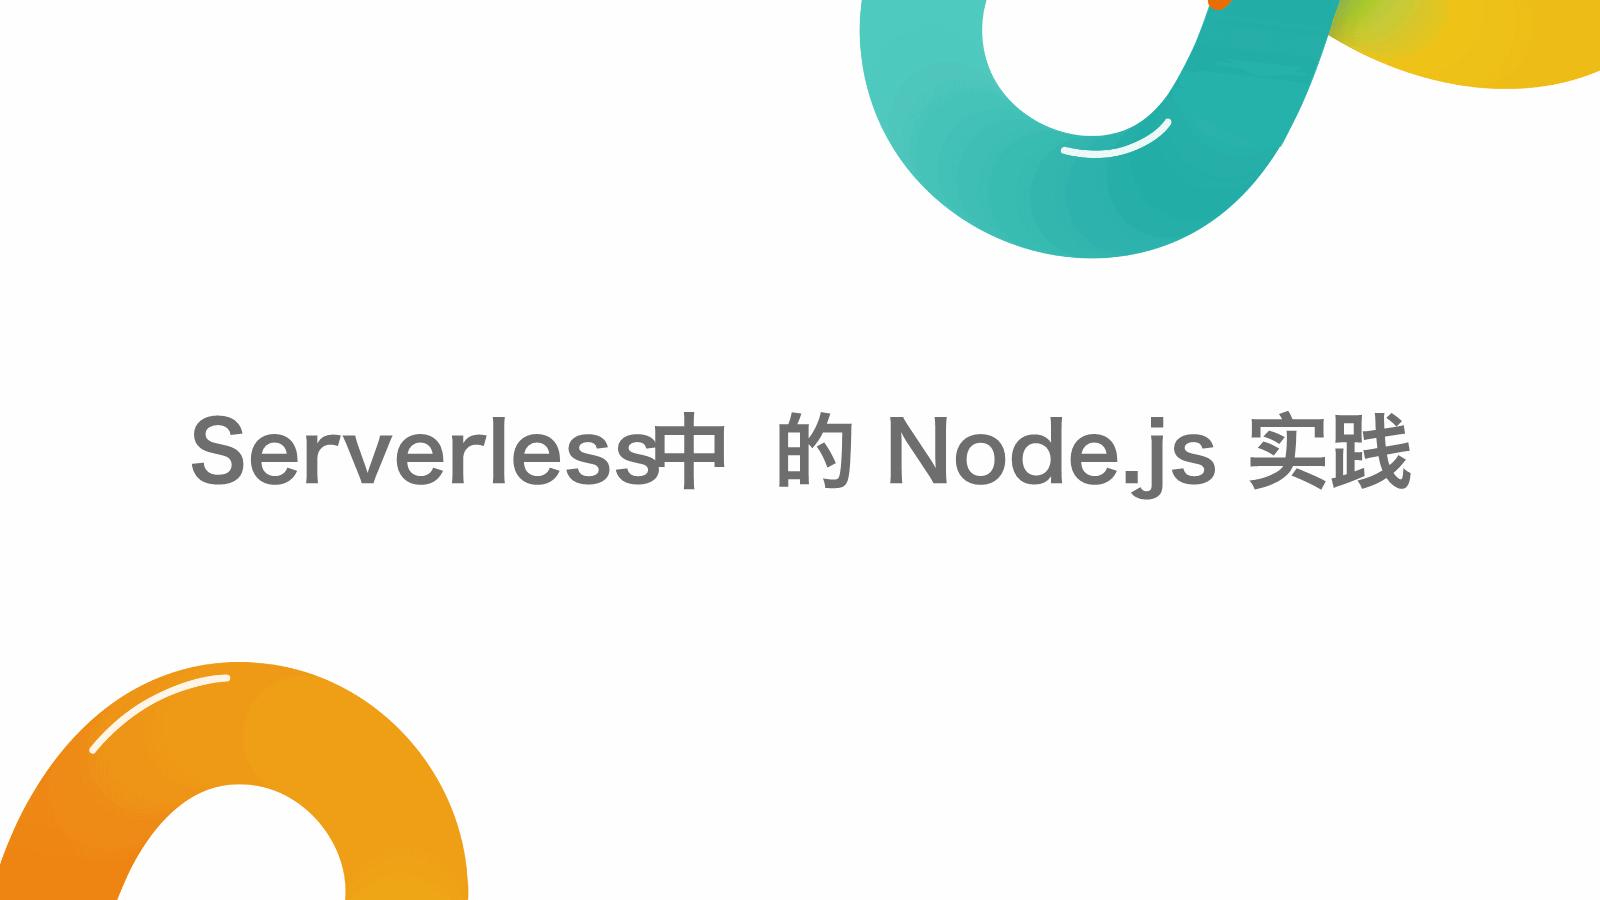 龙佳文-Serverless中 Node,js实践